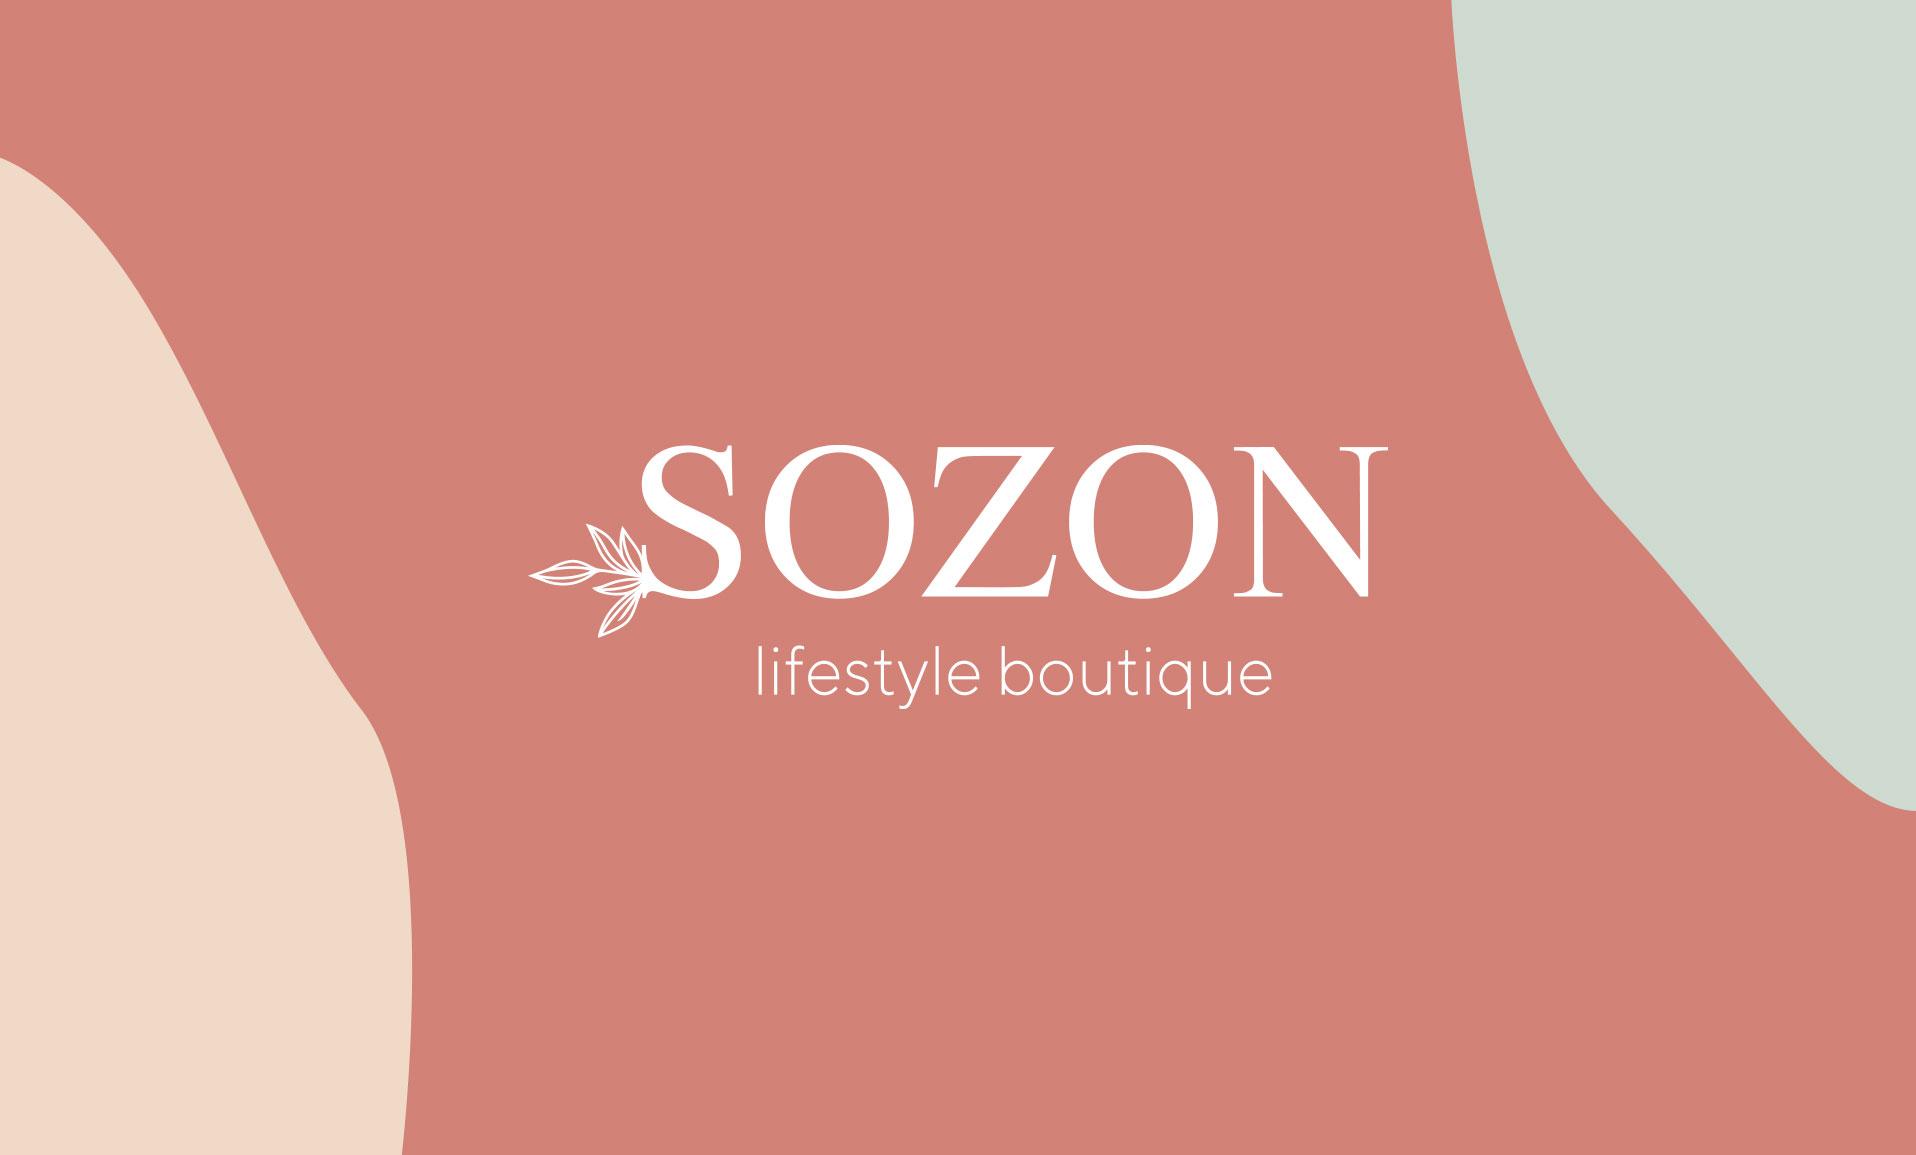 Sozon lifestyle boutique - types top - logo